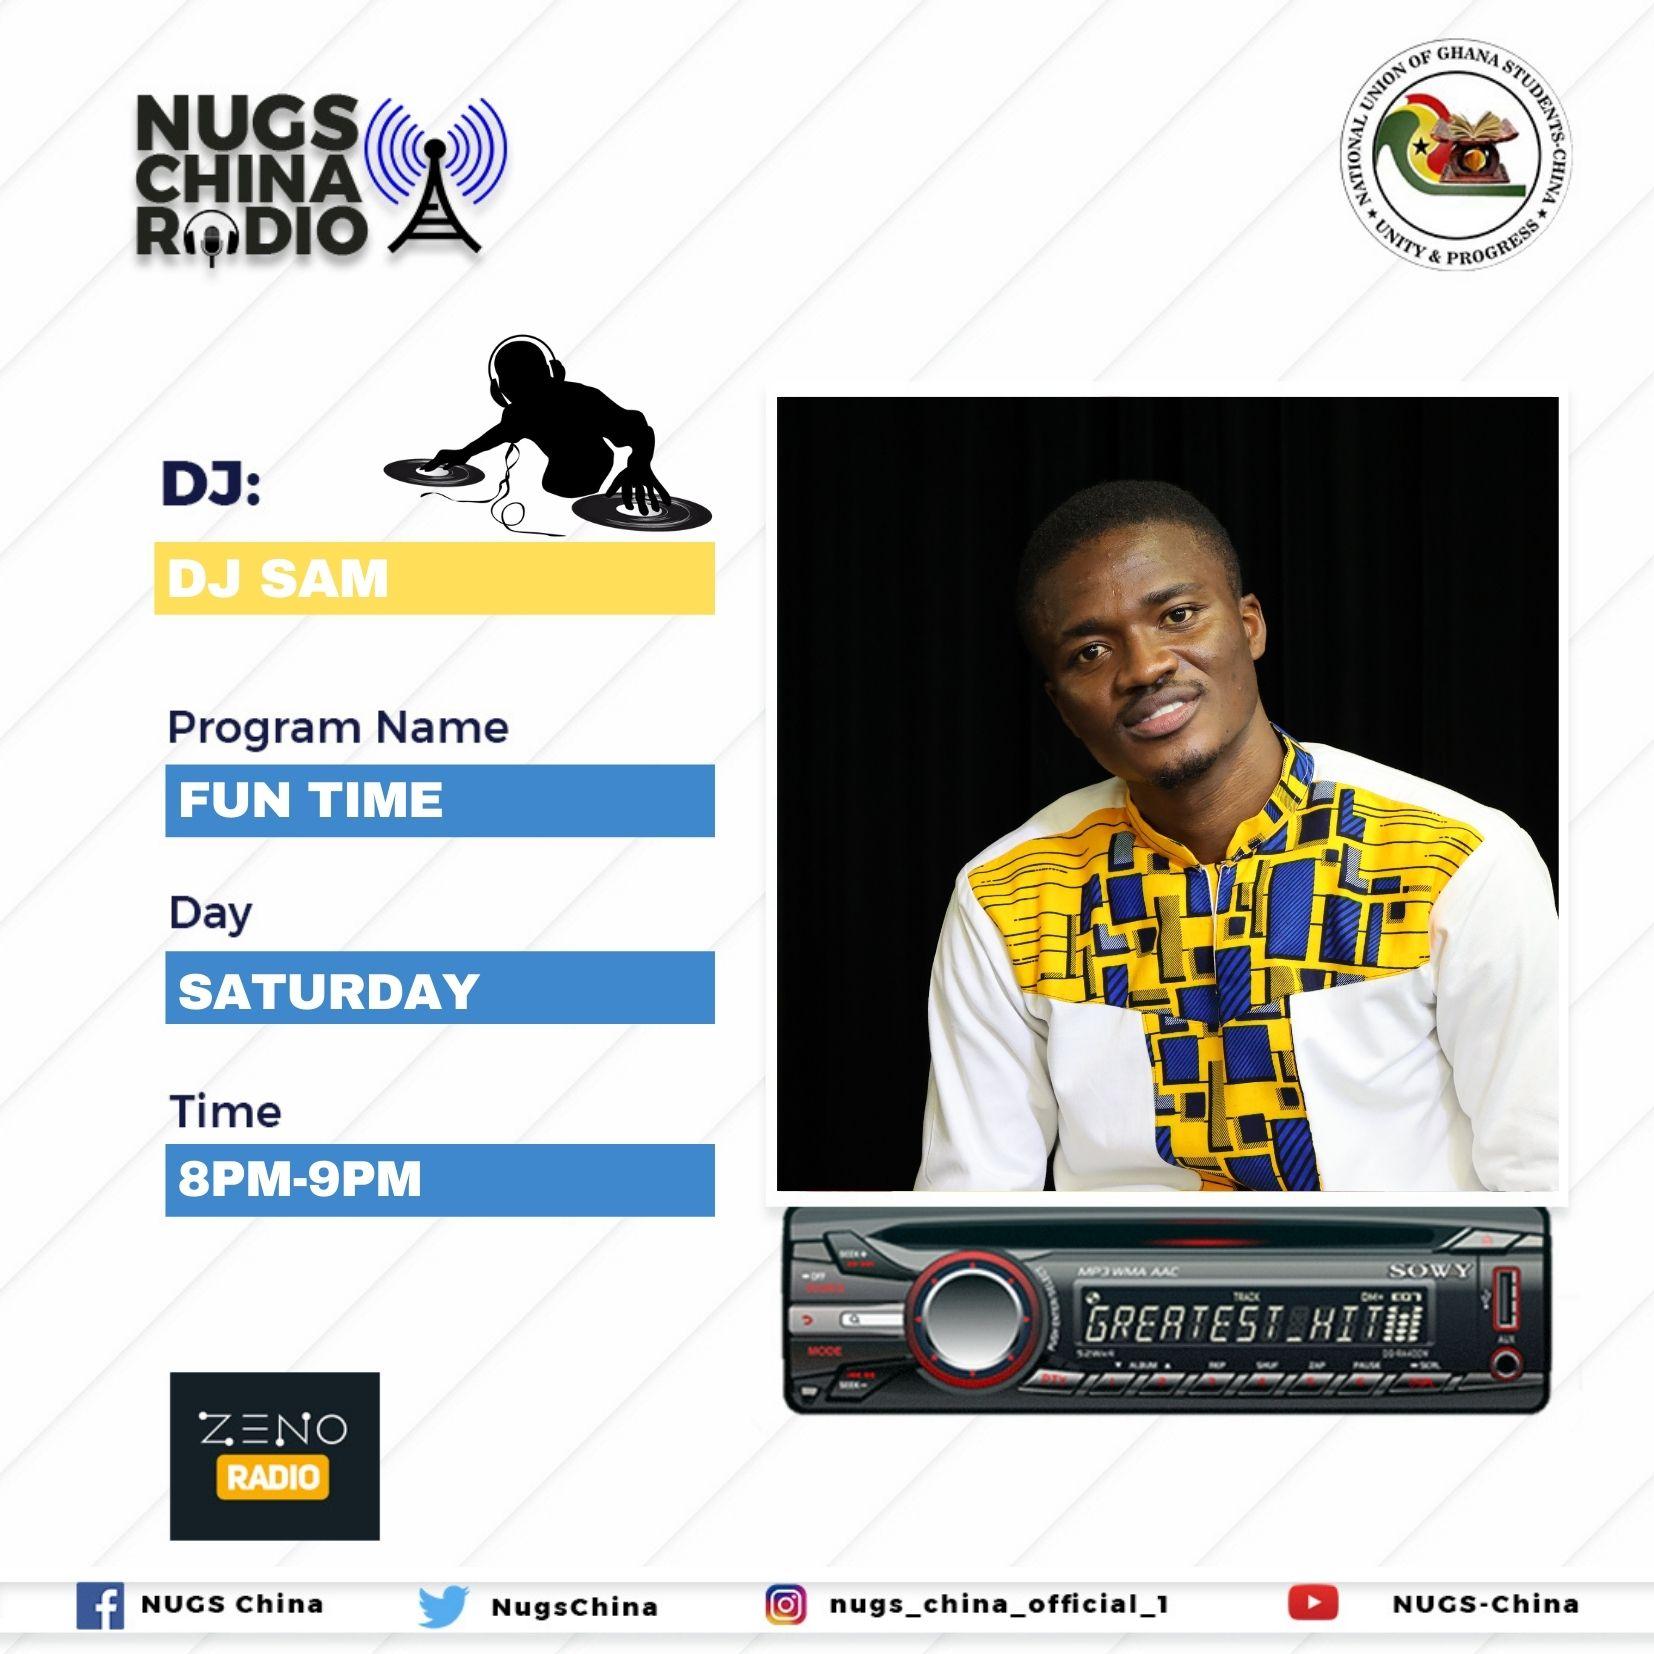 NUGS-China Radio: Fun time with DJ Sam